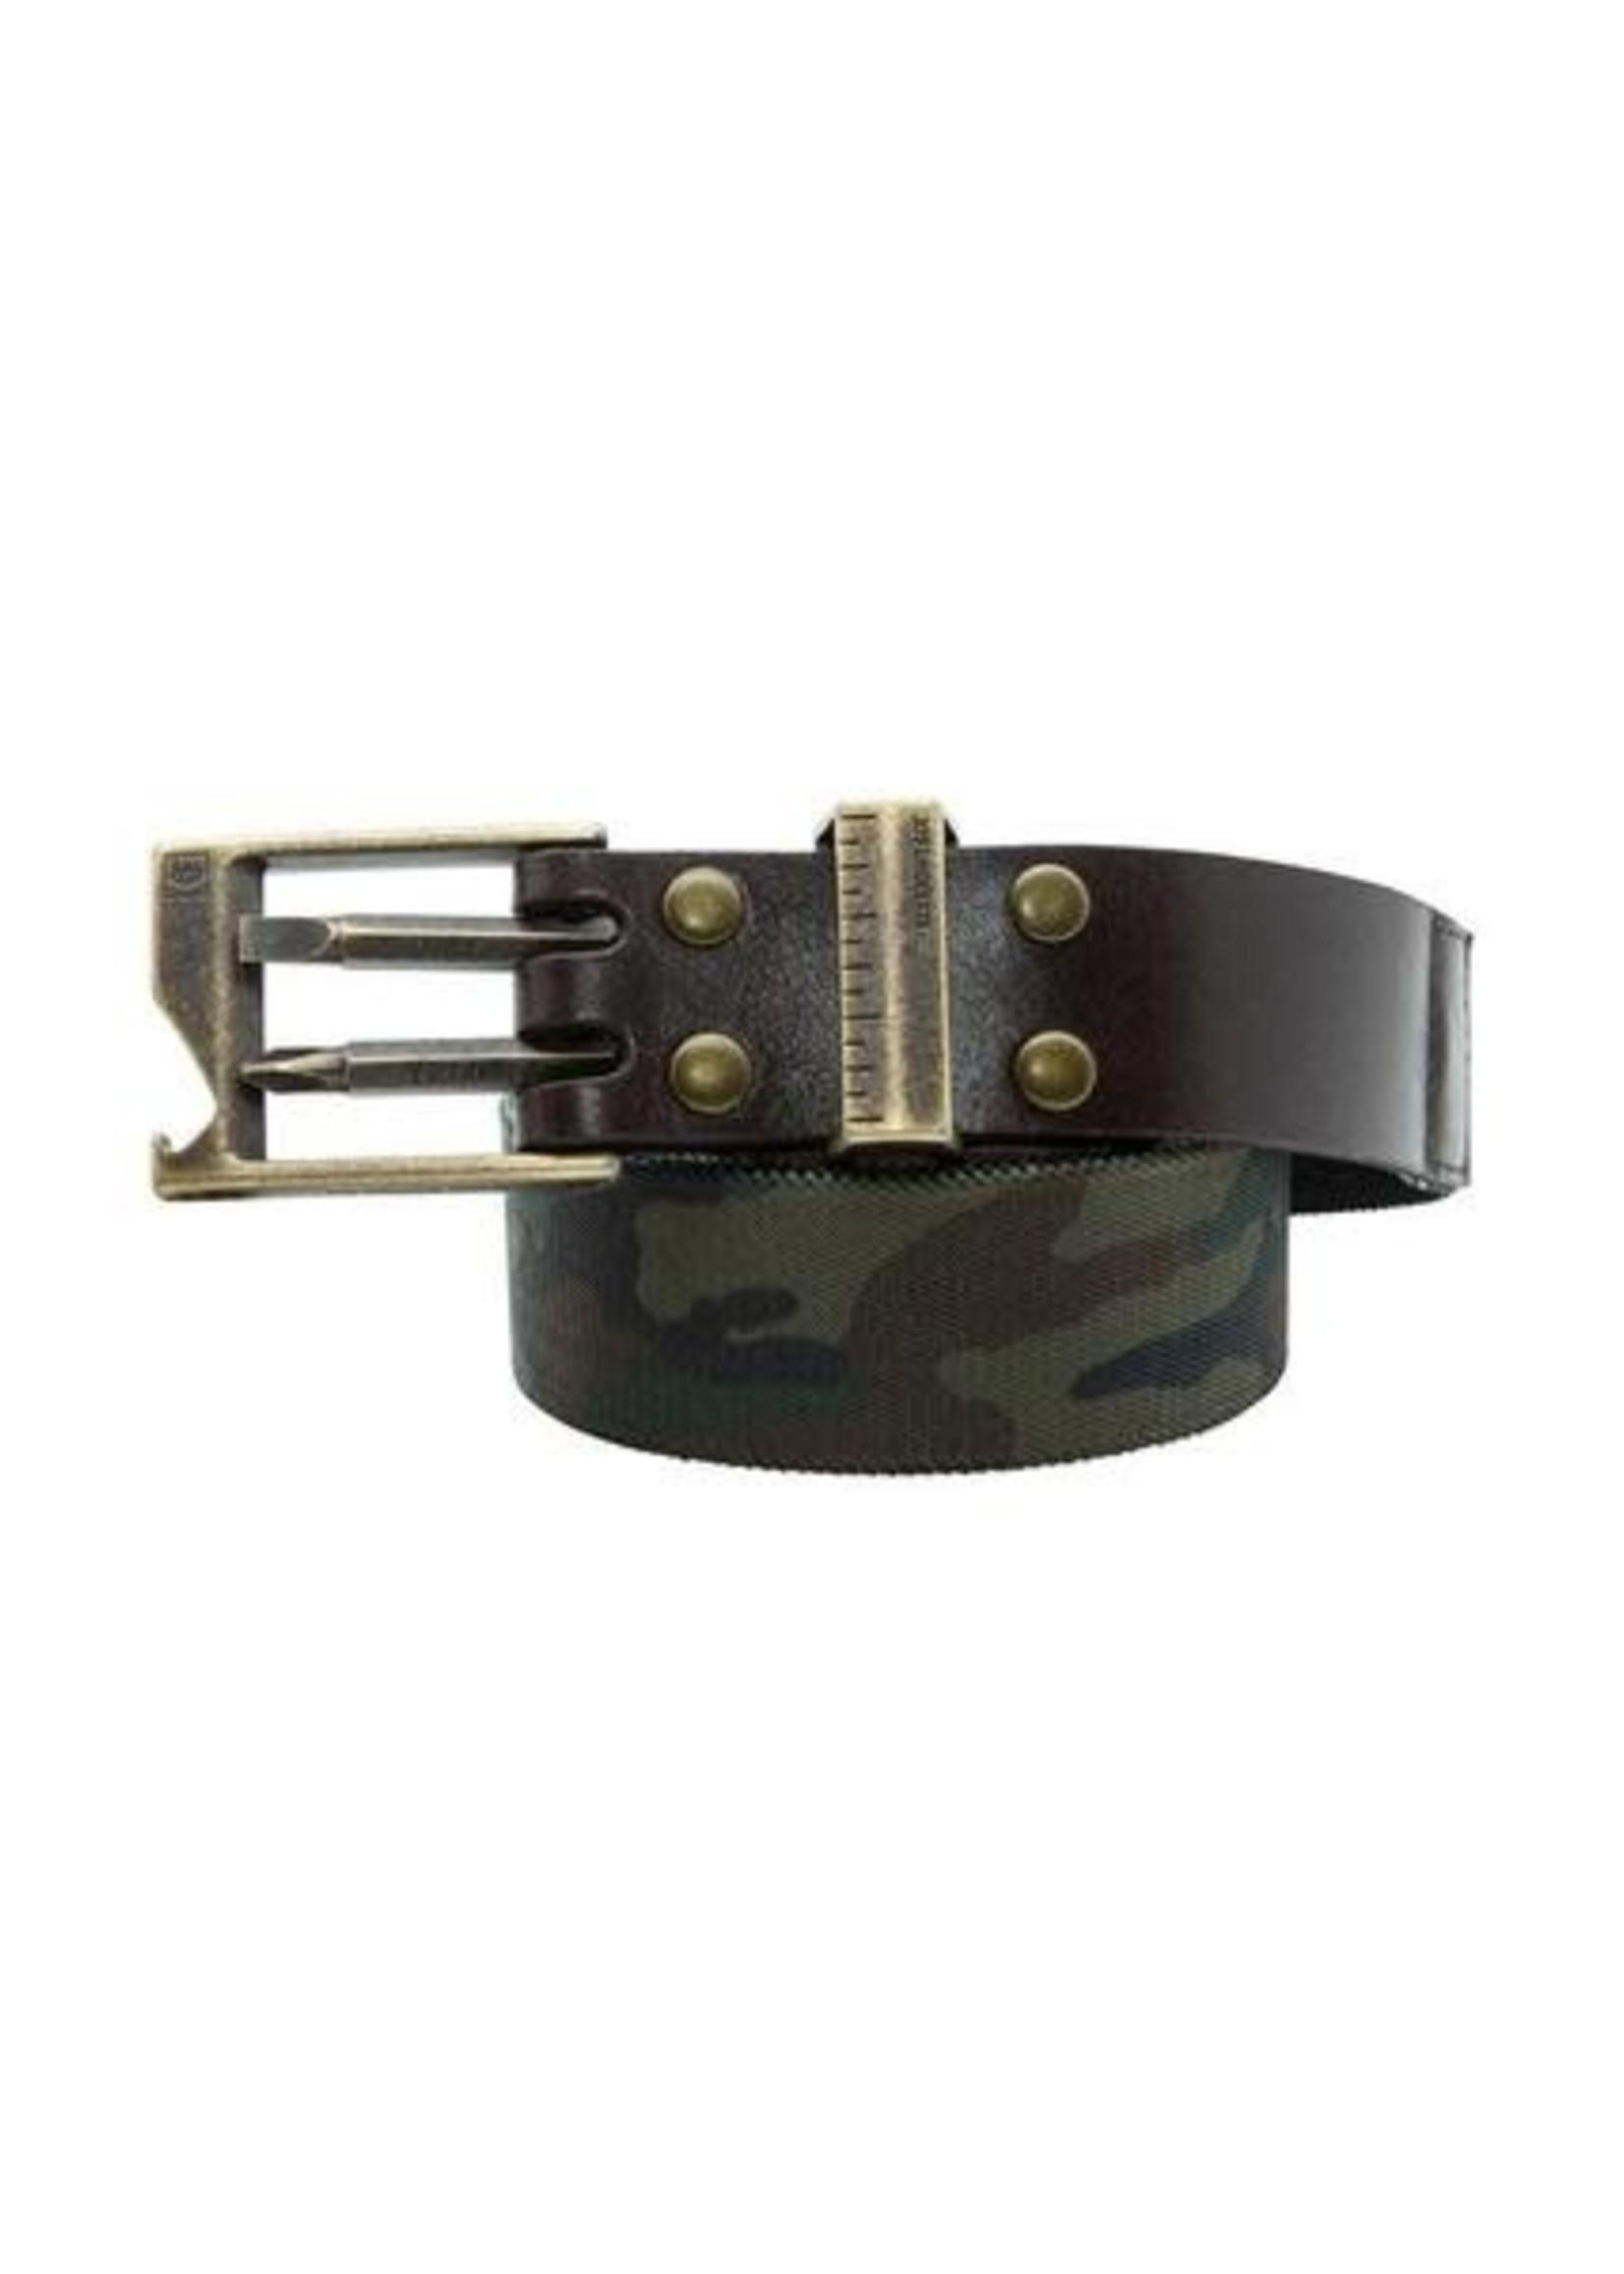 686 686 original stretch toolbelt